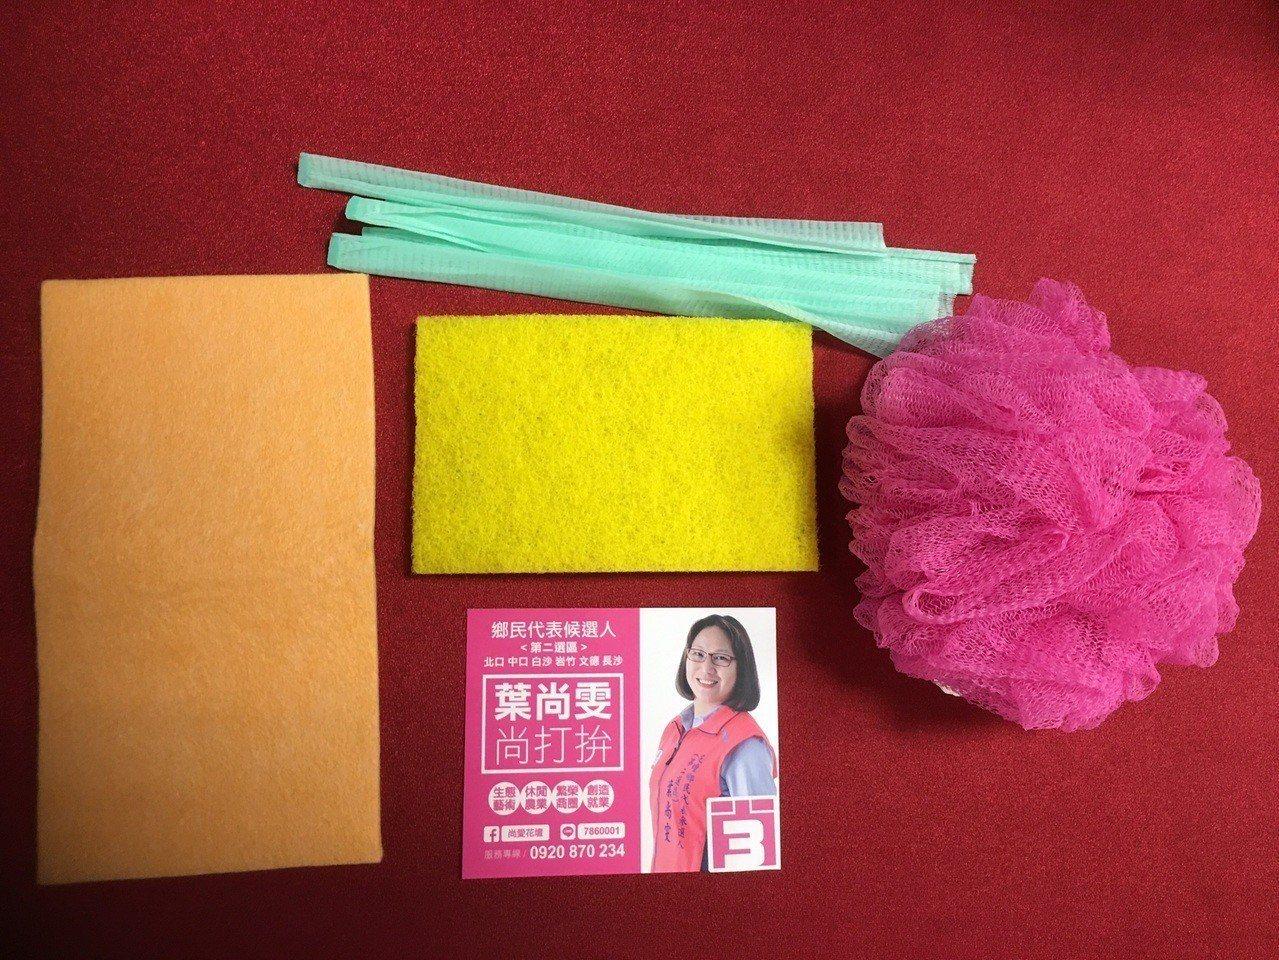 花壇鄉民代表候選人葉尚雯送菜瓜布、網袋等婦女所需的選舉小物。記者林敬家/攝影